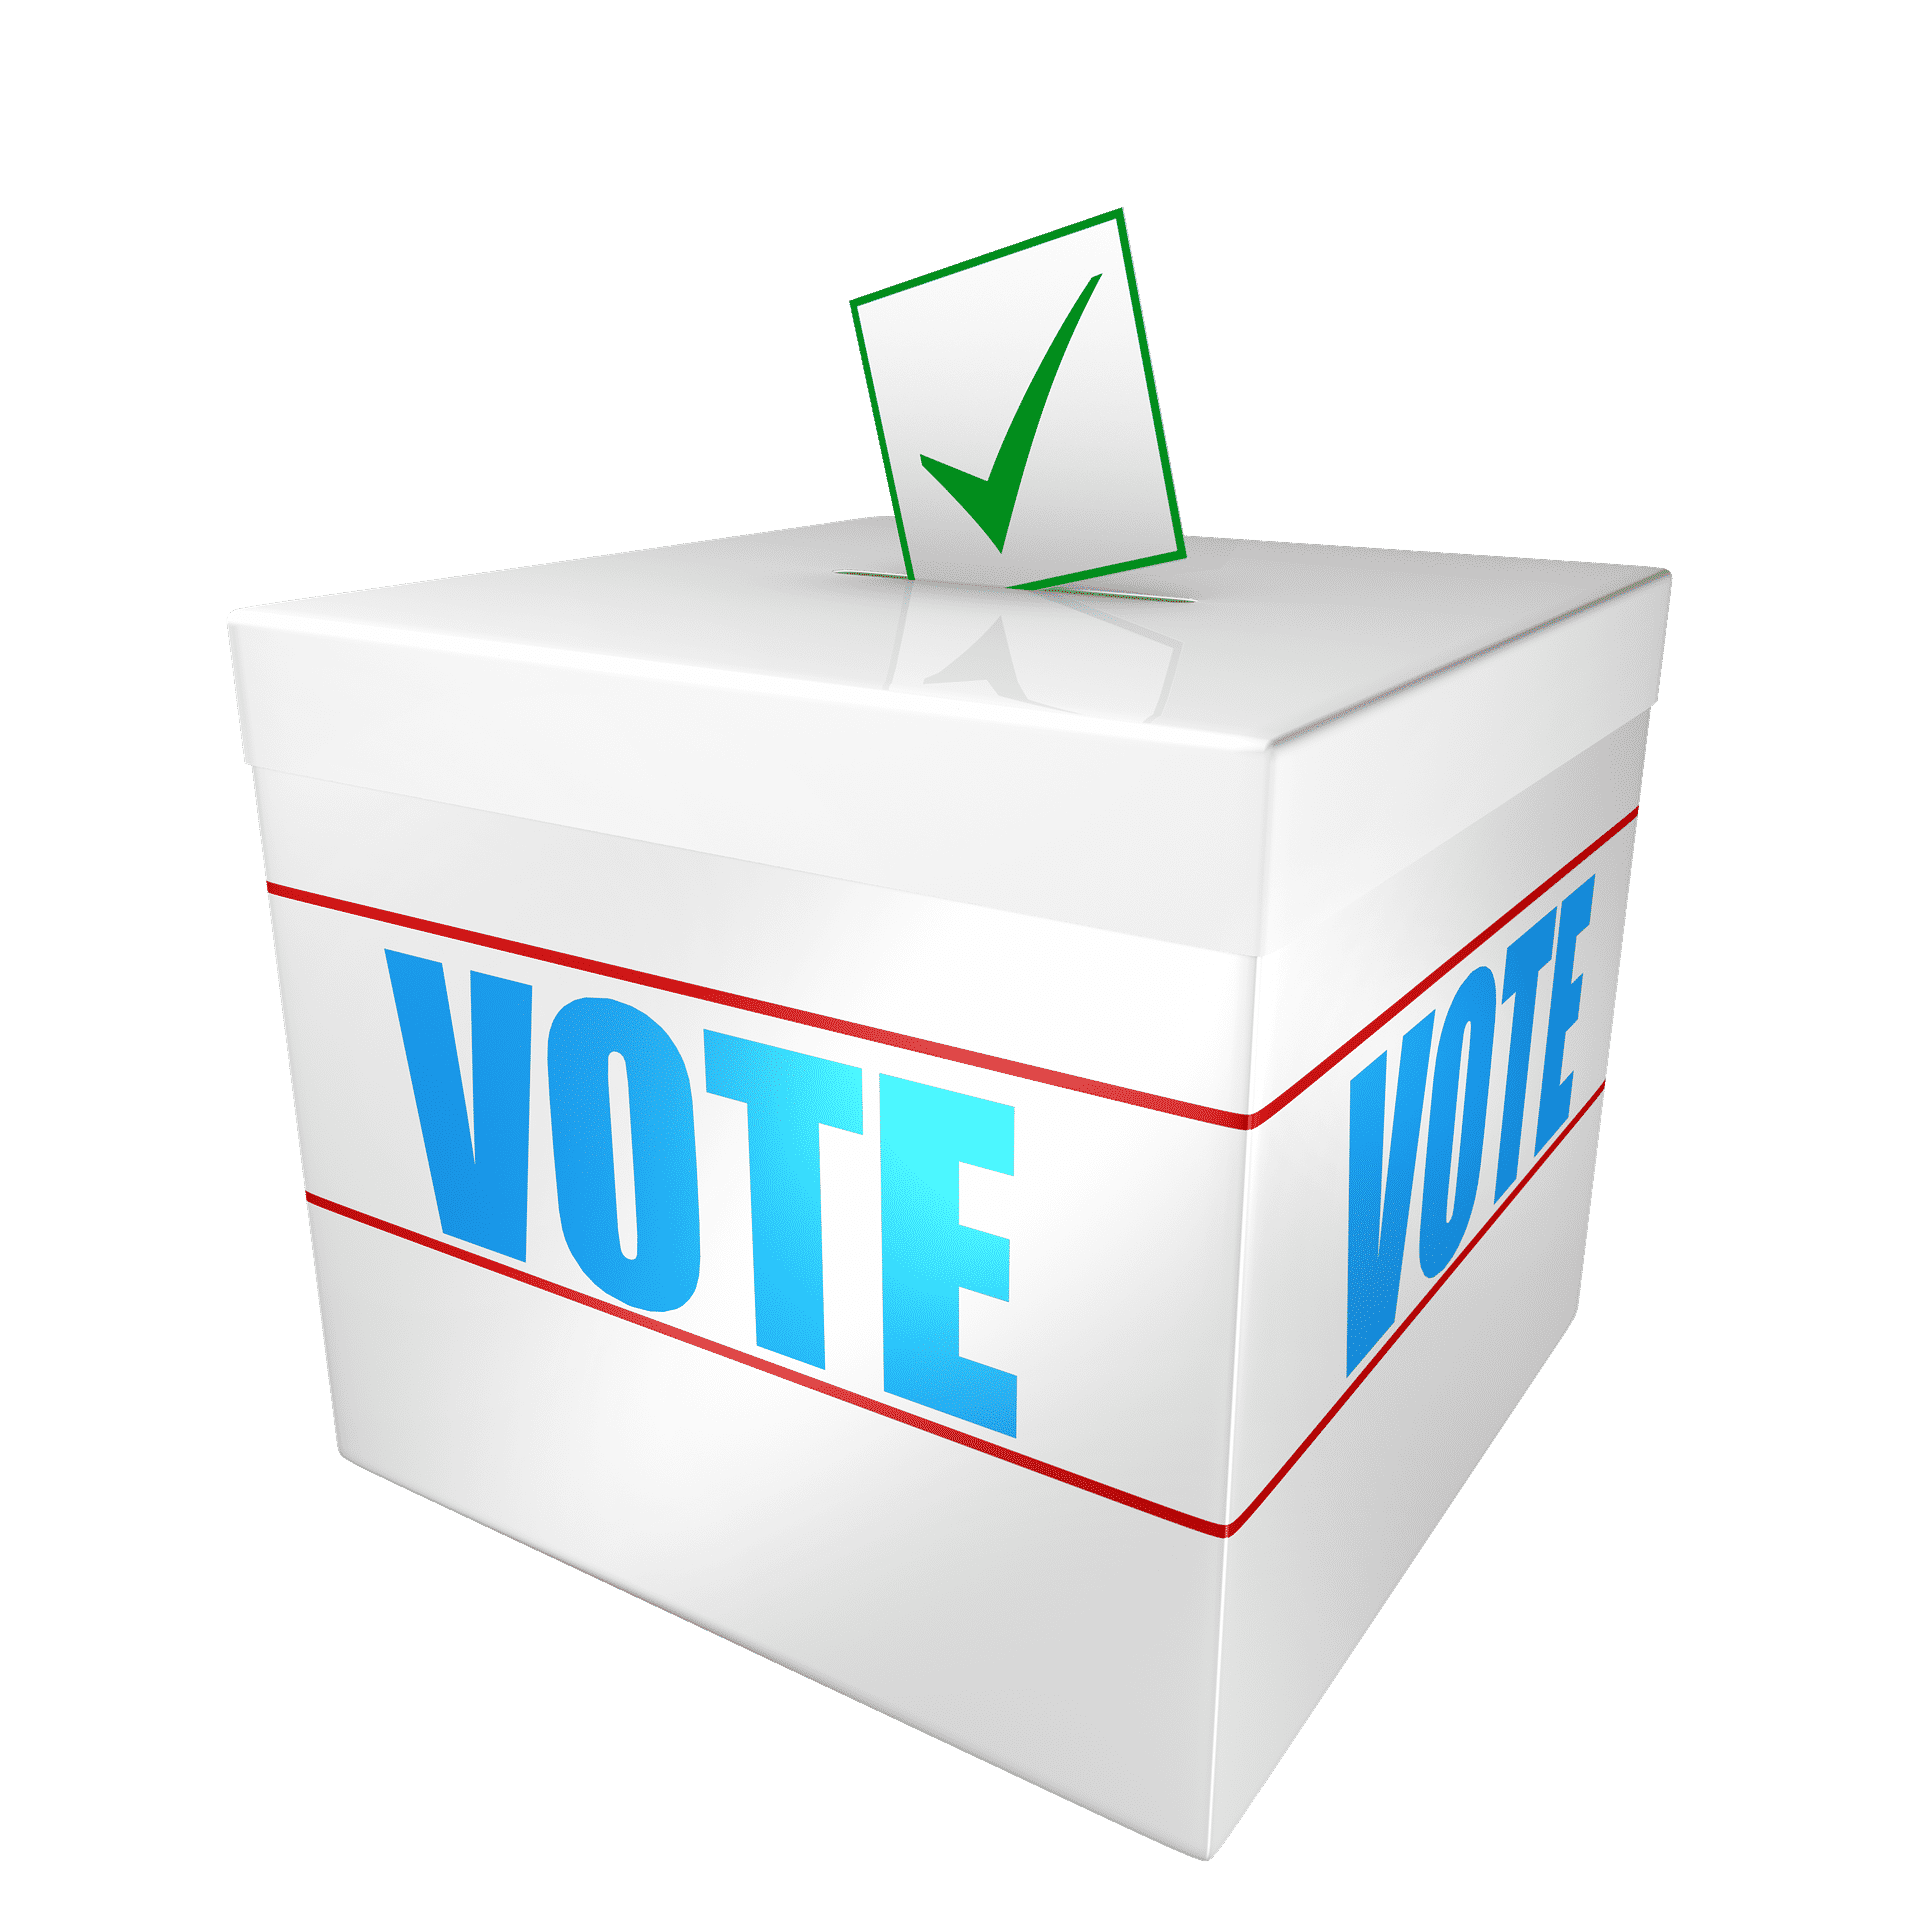 7 février 2020, date limite d'inscription sur les listes électorales